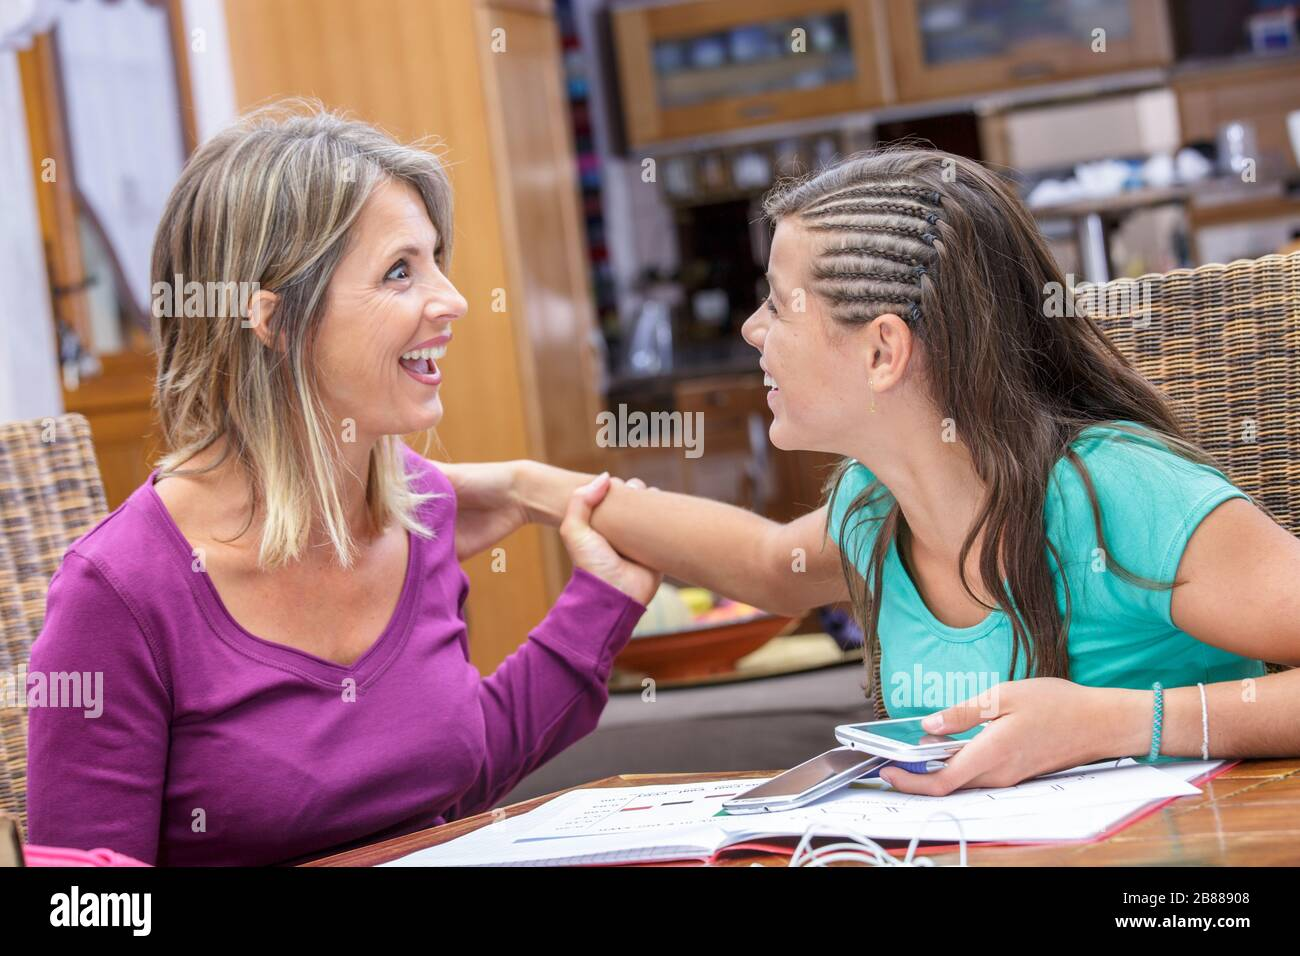 madre e hija compartiendo un momento de complicidad y risa Foto de stock